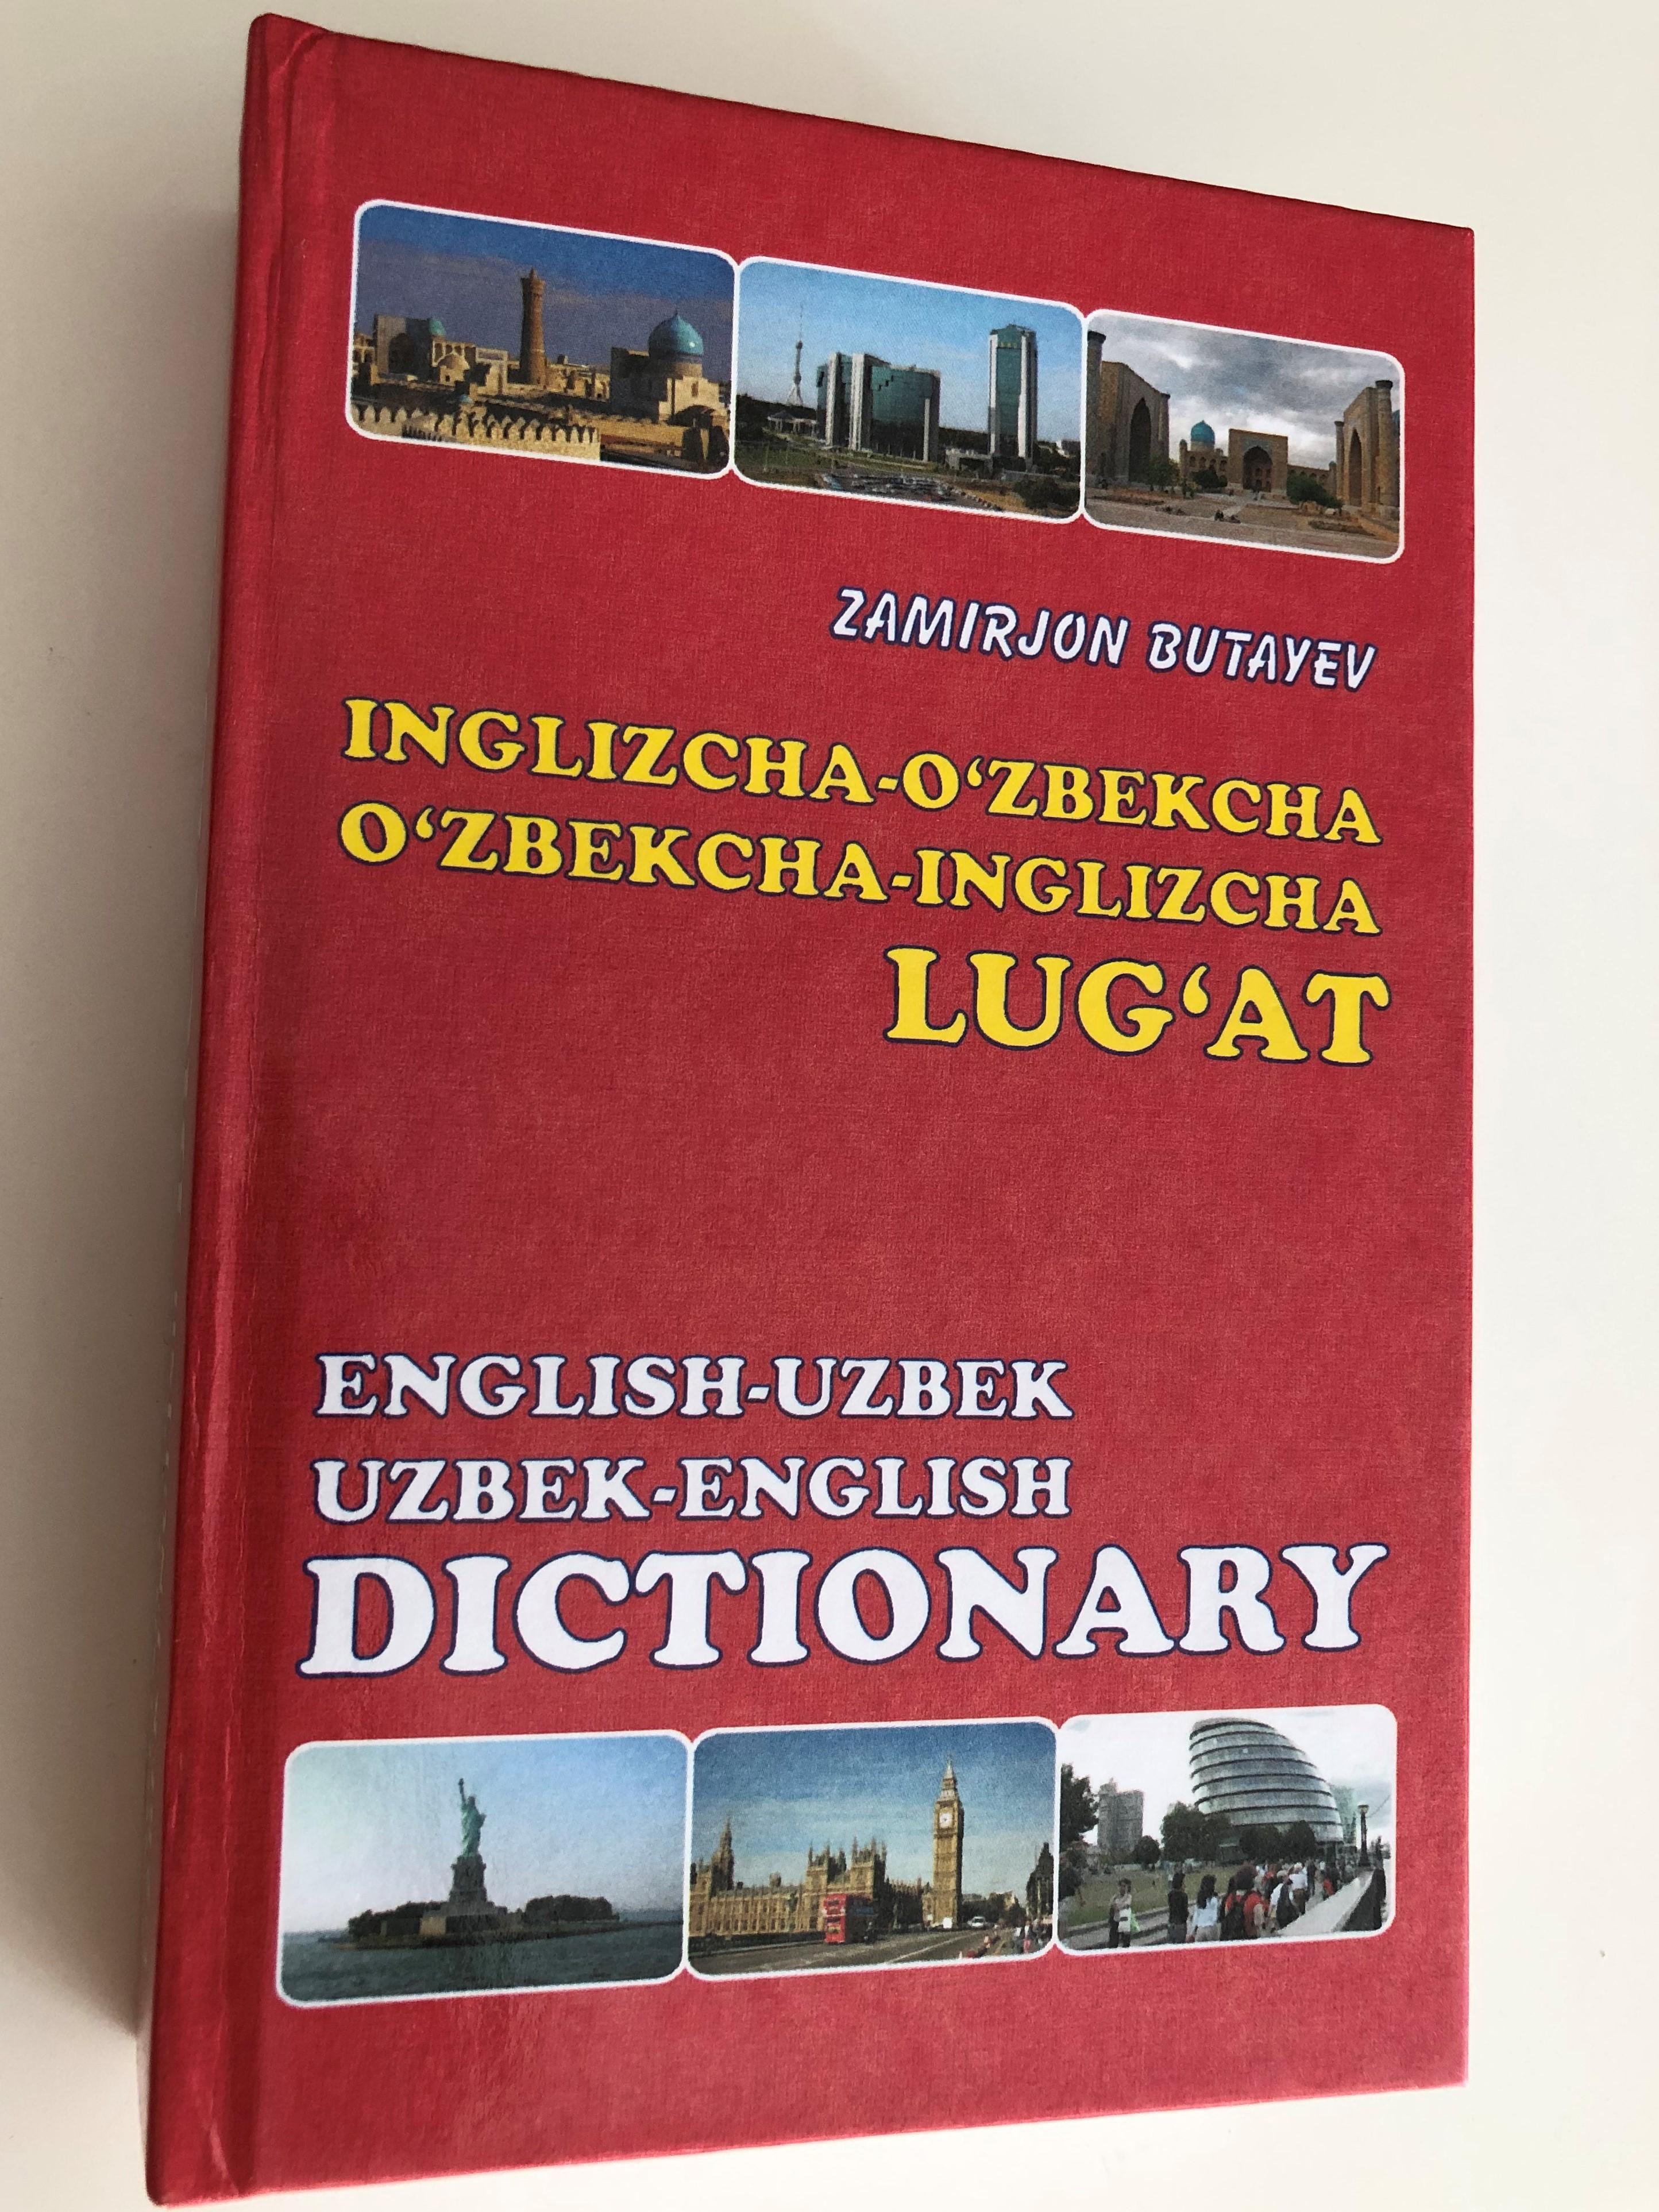 english-uzbek-uzbek-english-dictionary-by-zamirjon-butayev-inglizcha-o-zbekcha-o-zbekcha-inglizcha-lug-at-24000-entries-24000-so-z-toshkent-o-zbekiston-2018-1-.jpg